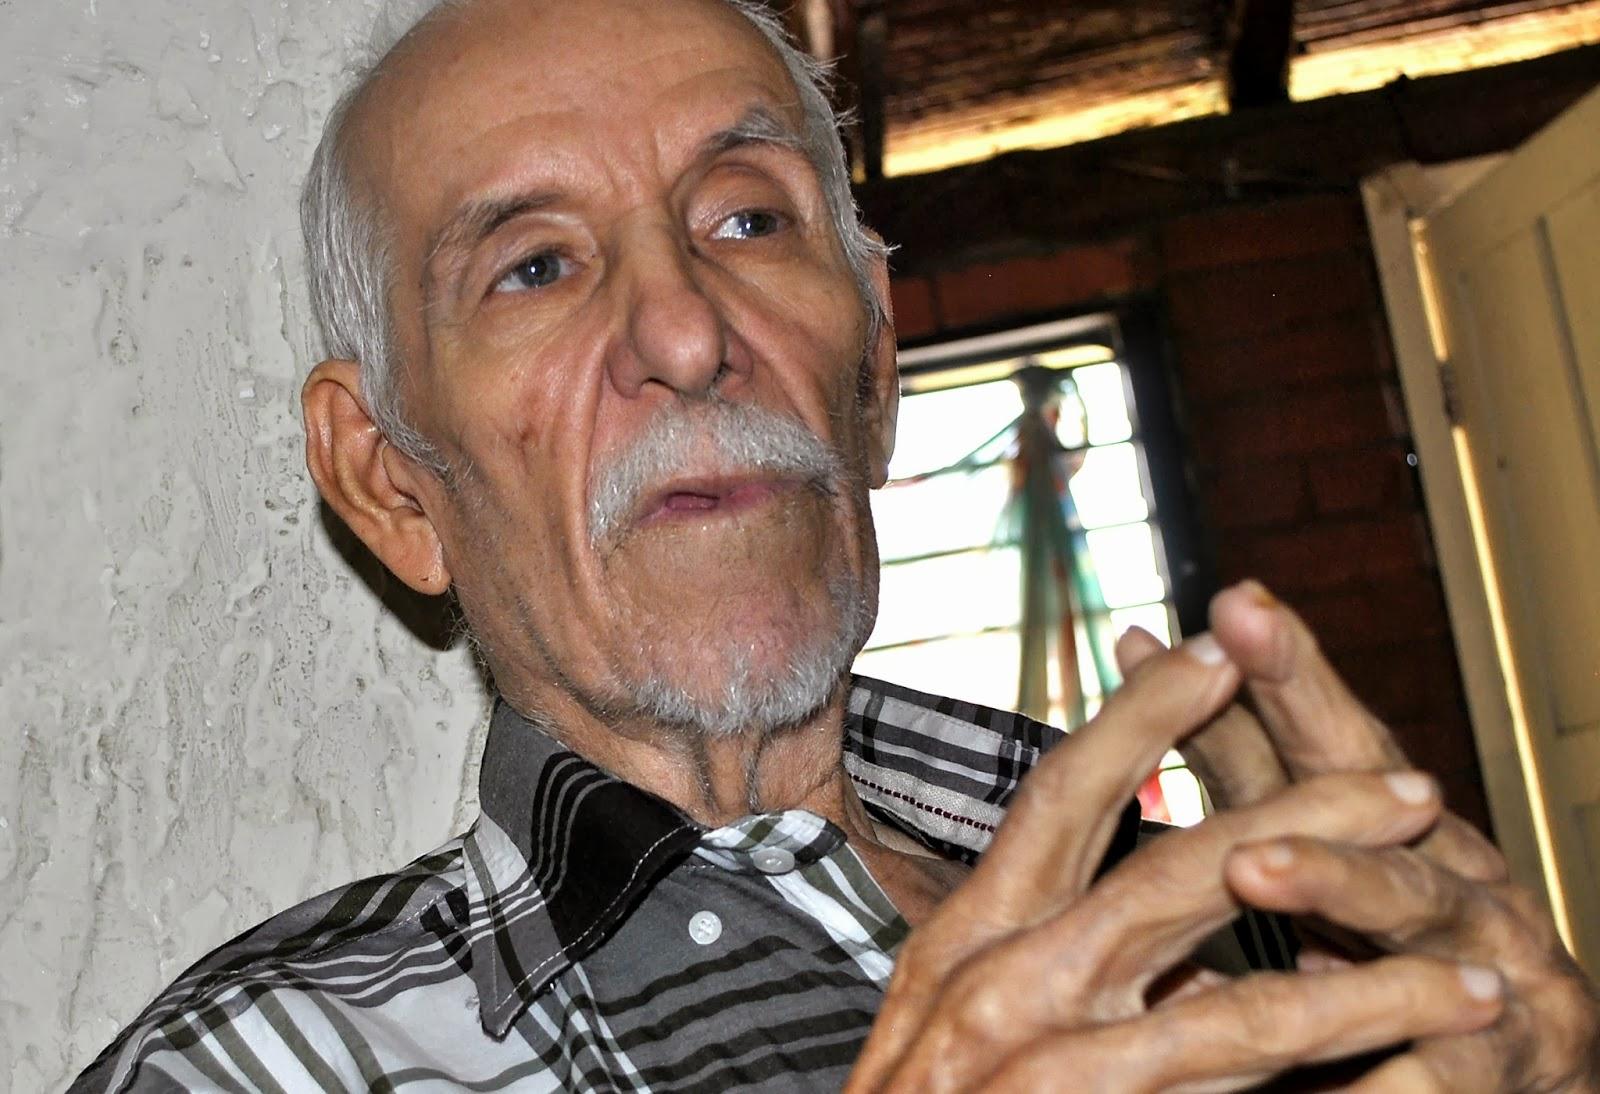 Arturo Macías Los mejores años de mi vida los viví junto a EL IMPULSO